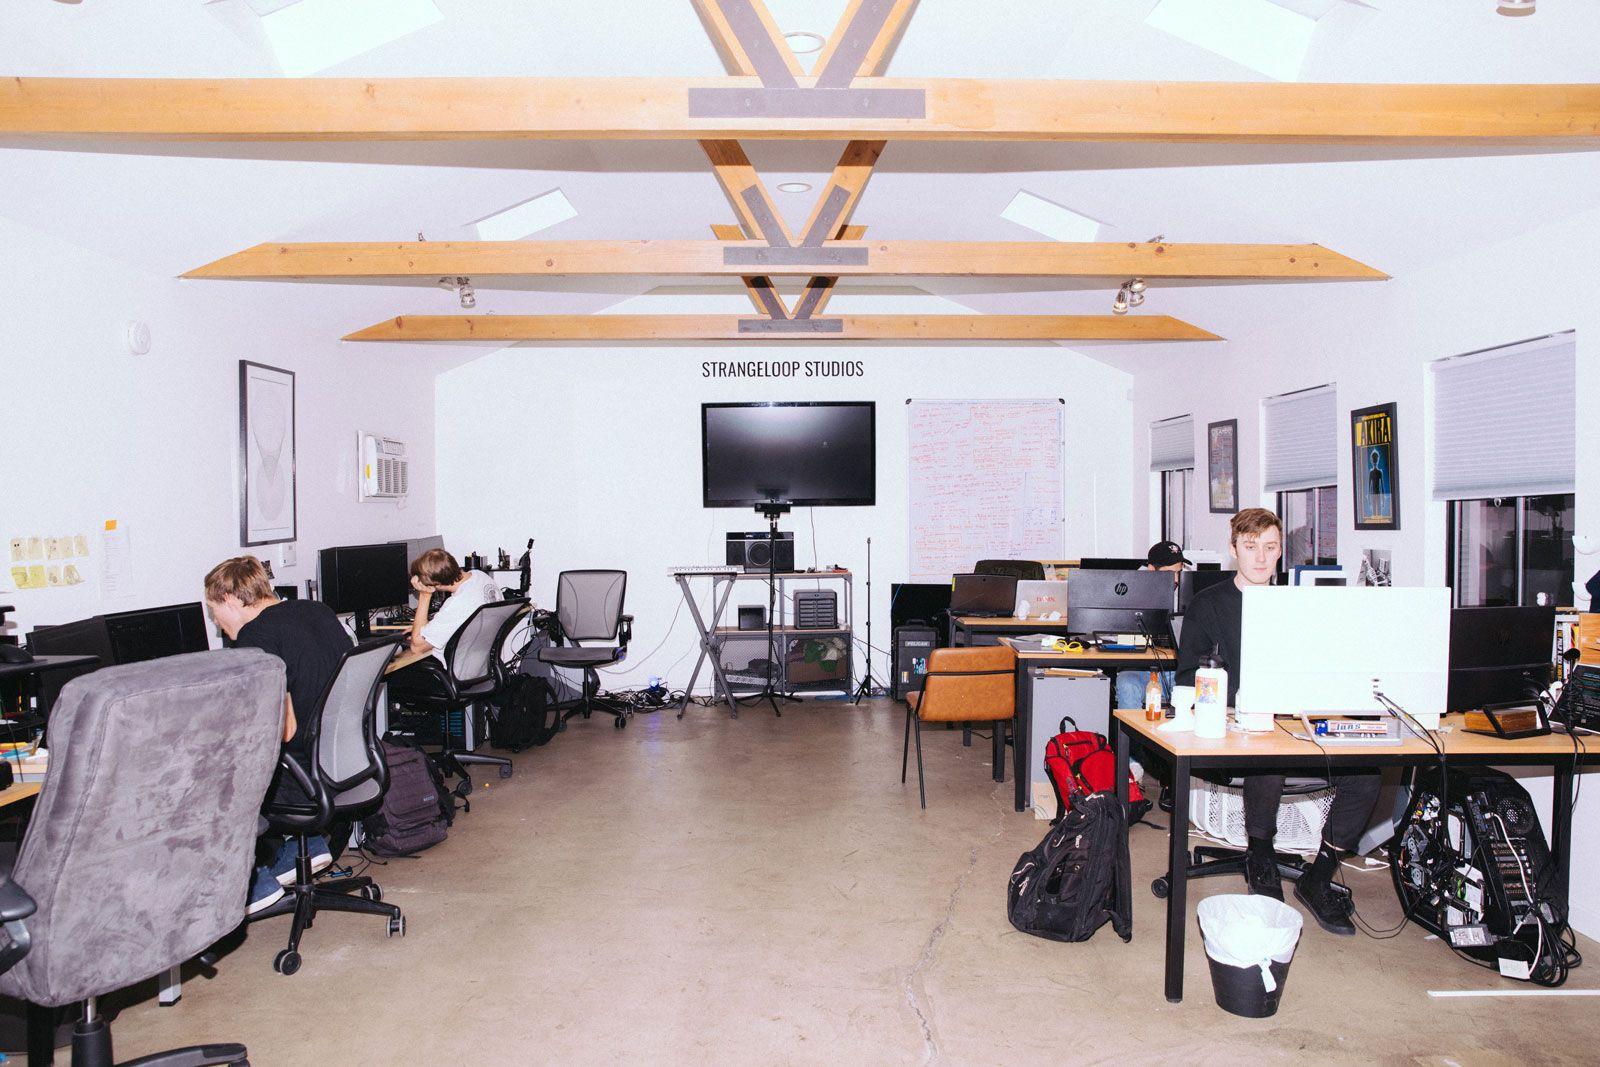 visual-mdma-inside-strangeloop-studios-6